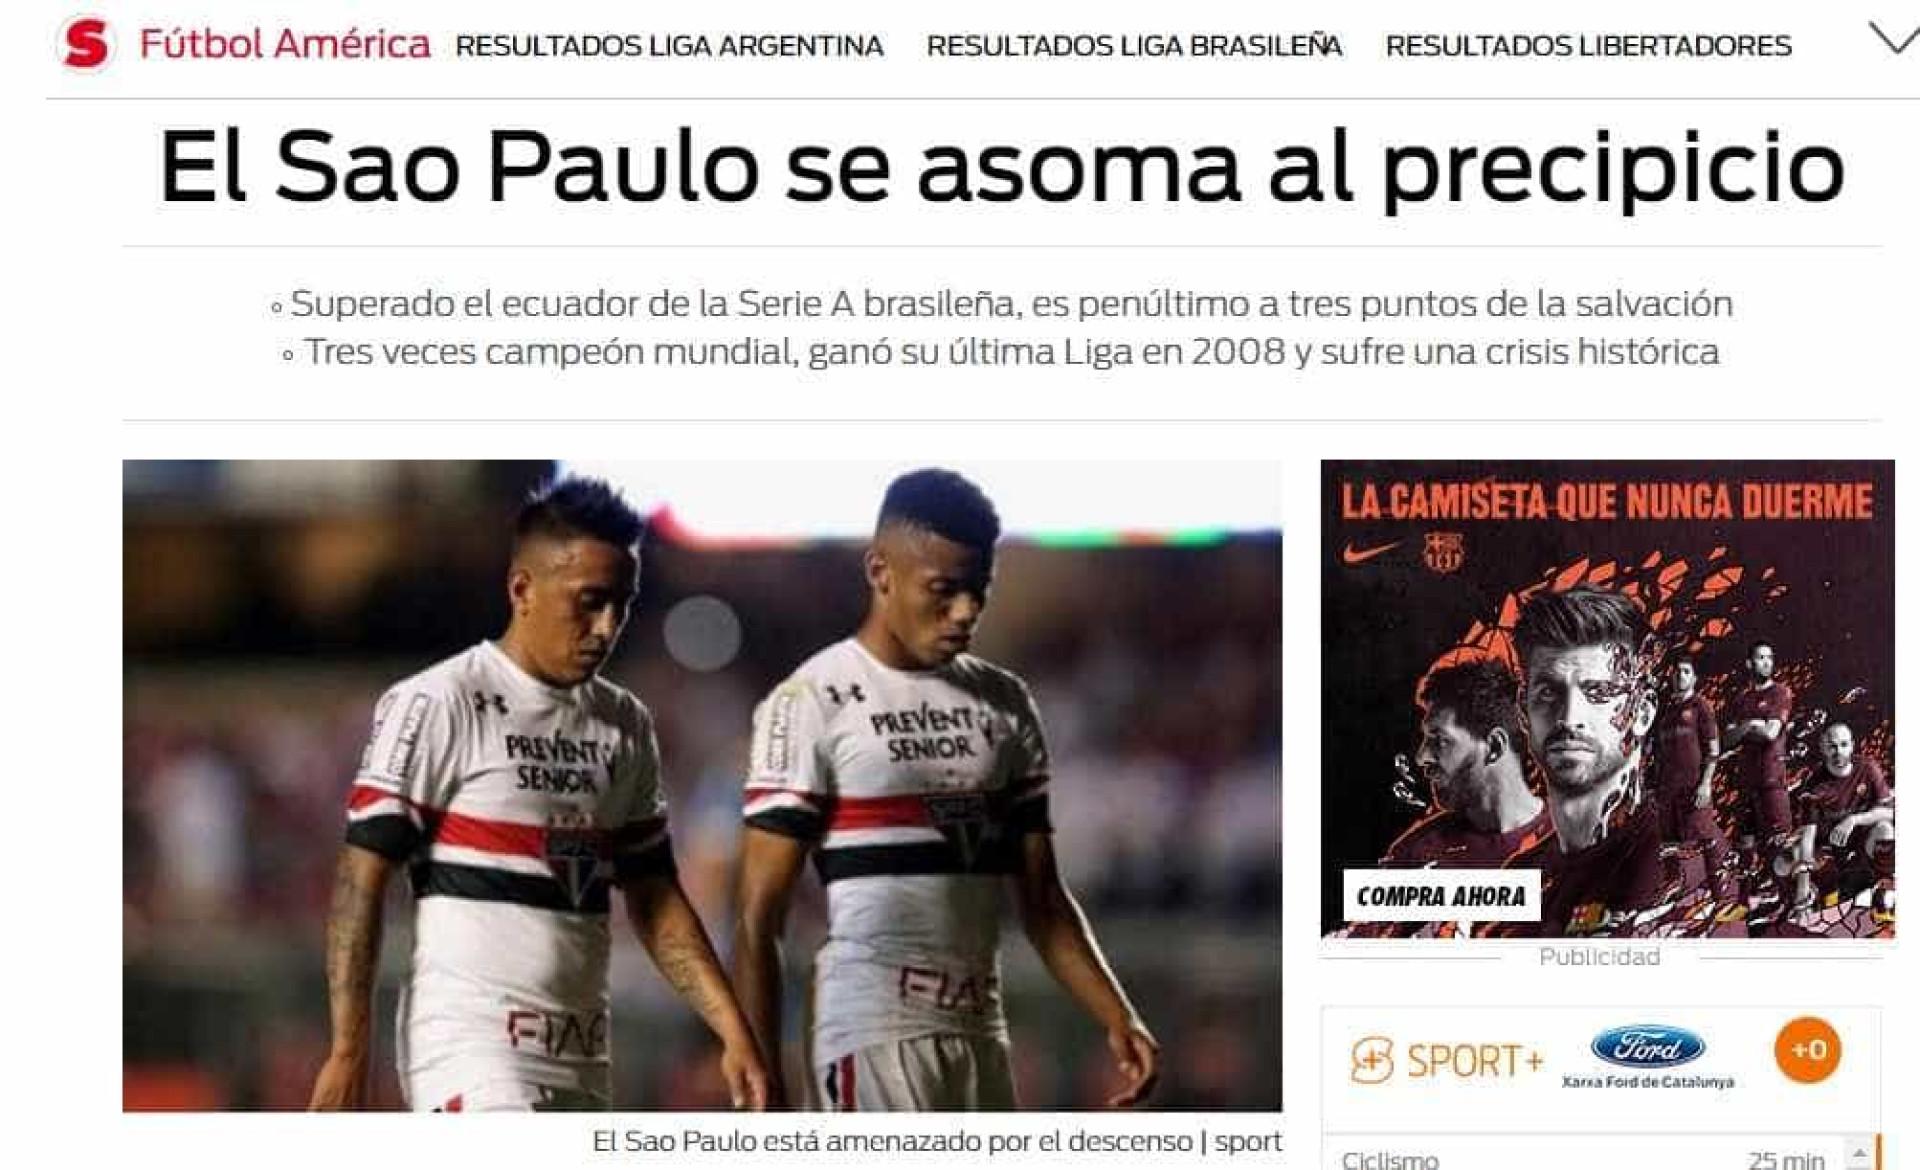 Possibilidade de rebaixamento do São Paulo vira notícia na Espanha